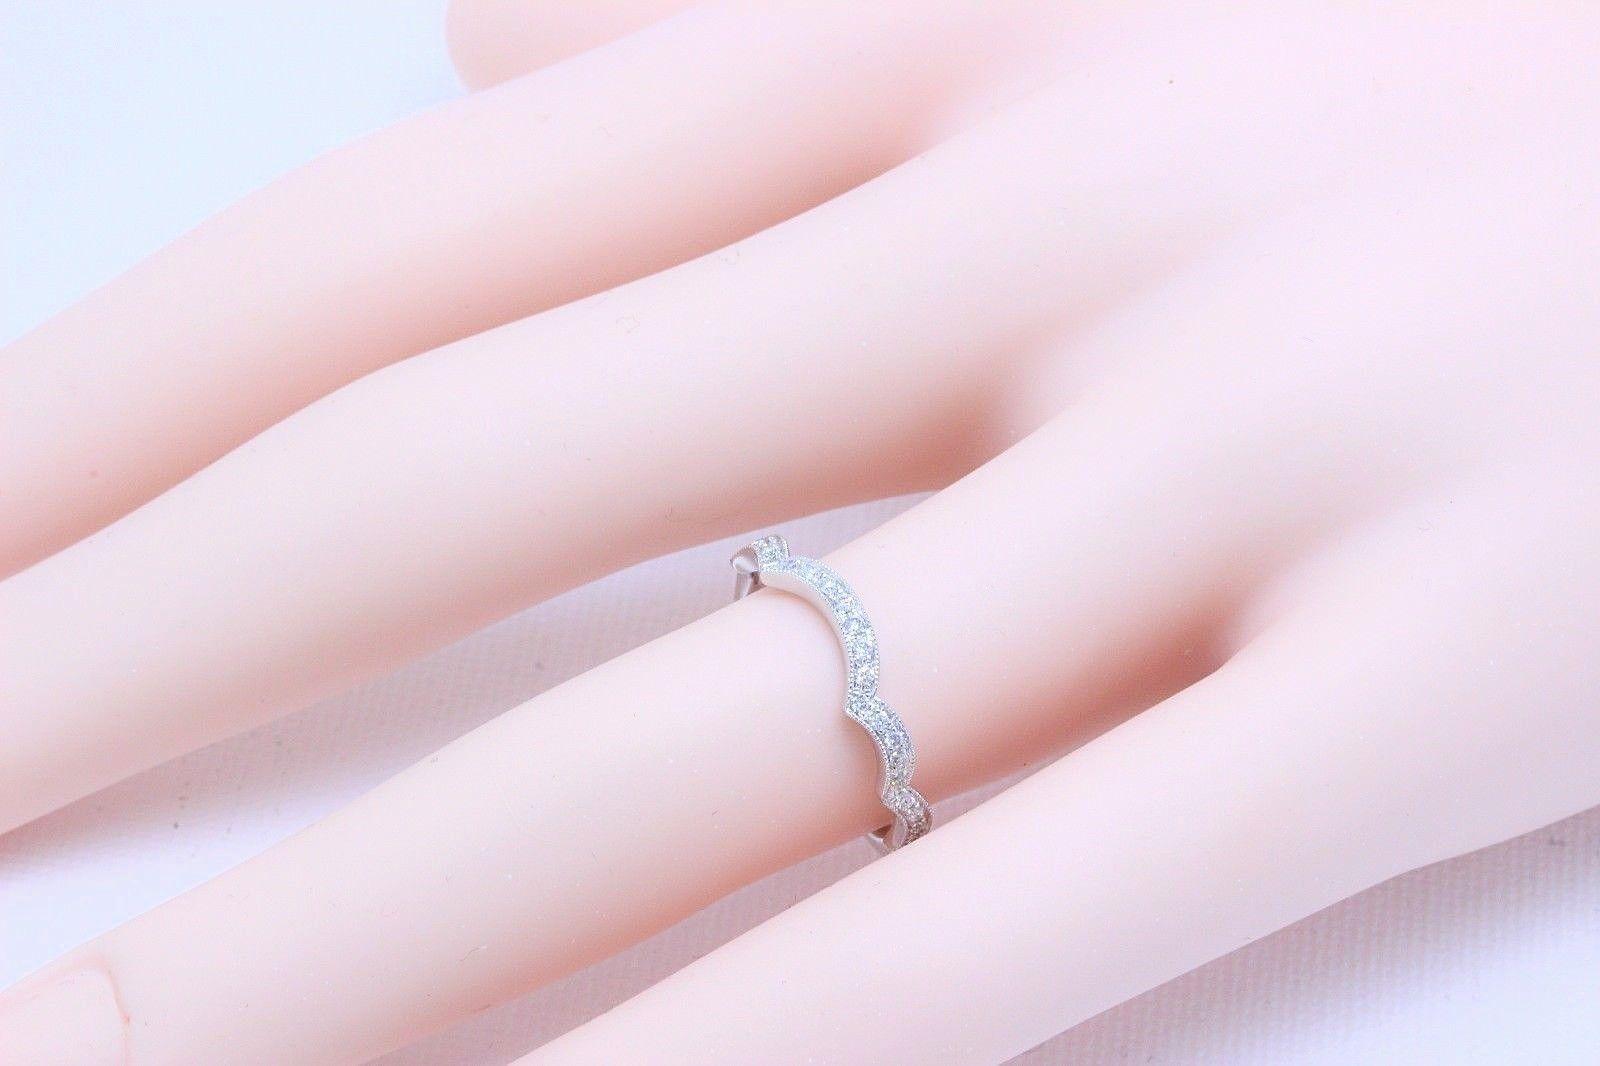 Neil Lane Diamond Wedding Band Ring Bridal 14 Karat White Gold For ...